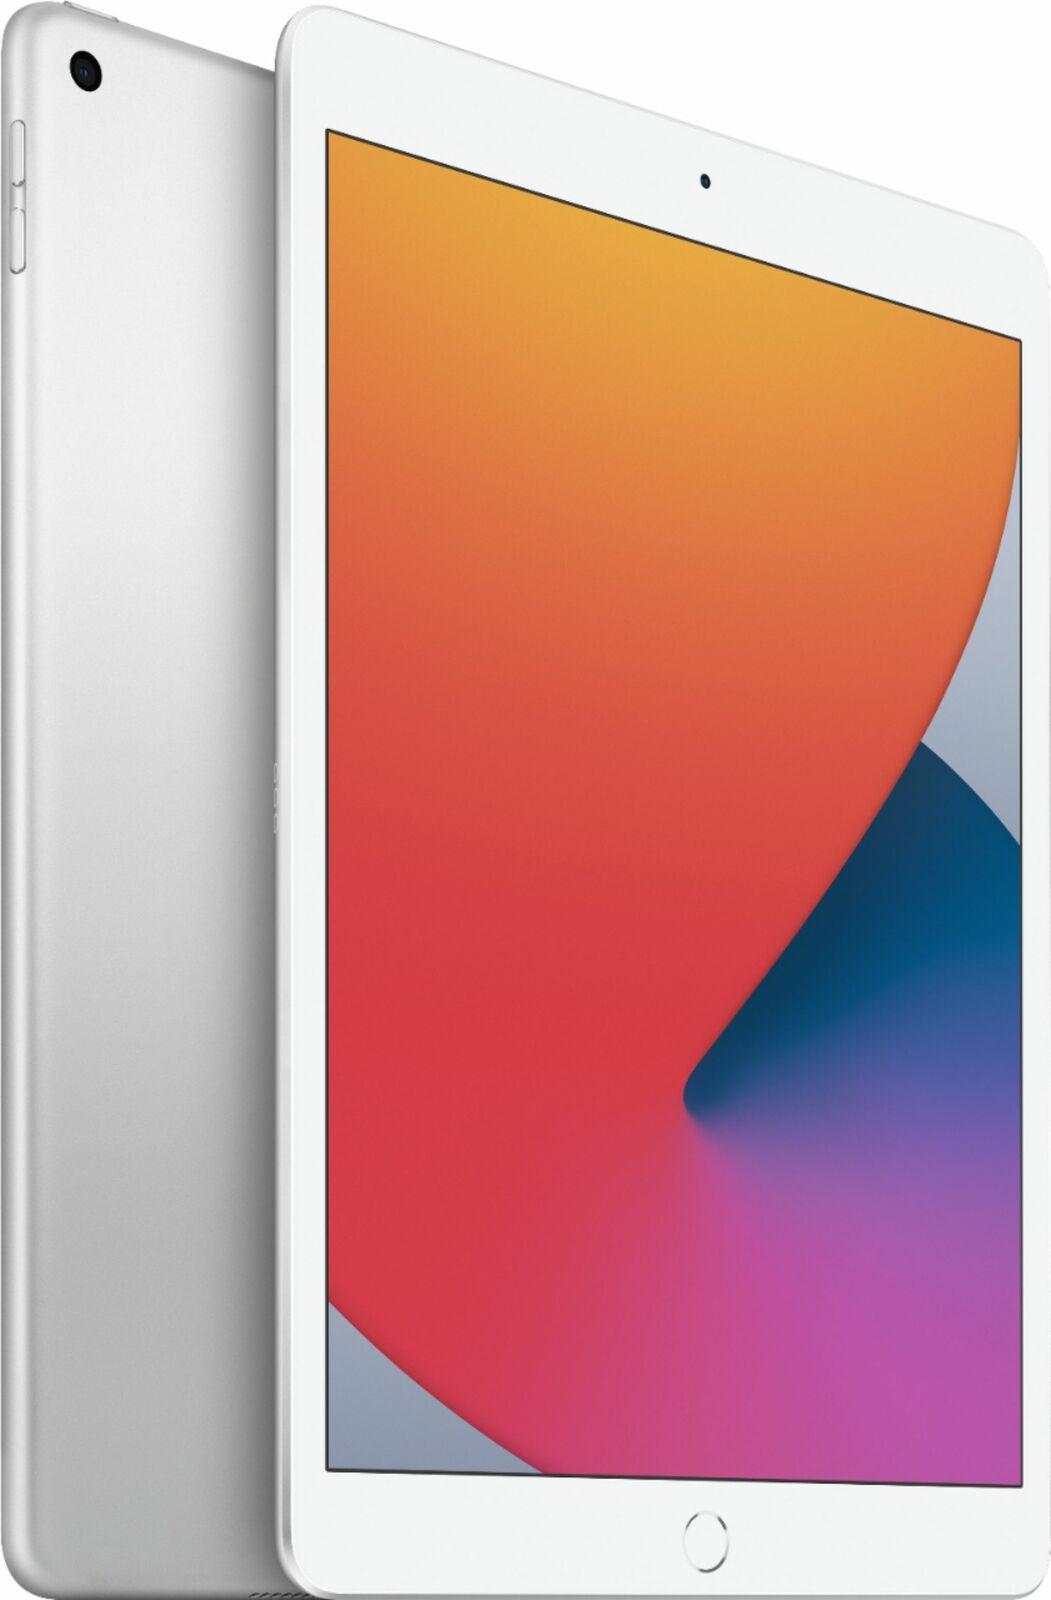 Apple iPad 8th Gen [Latest Model] WiFi 10.2